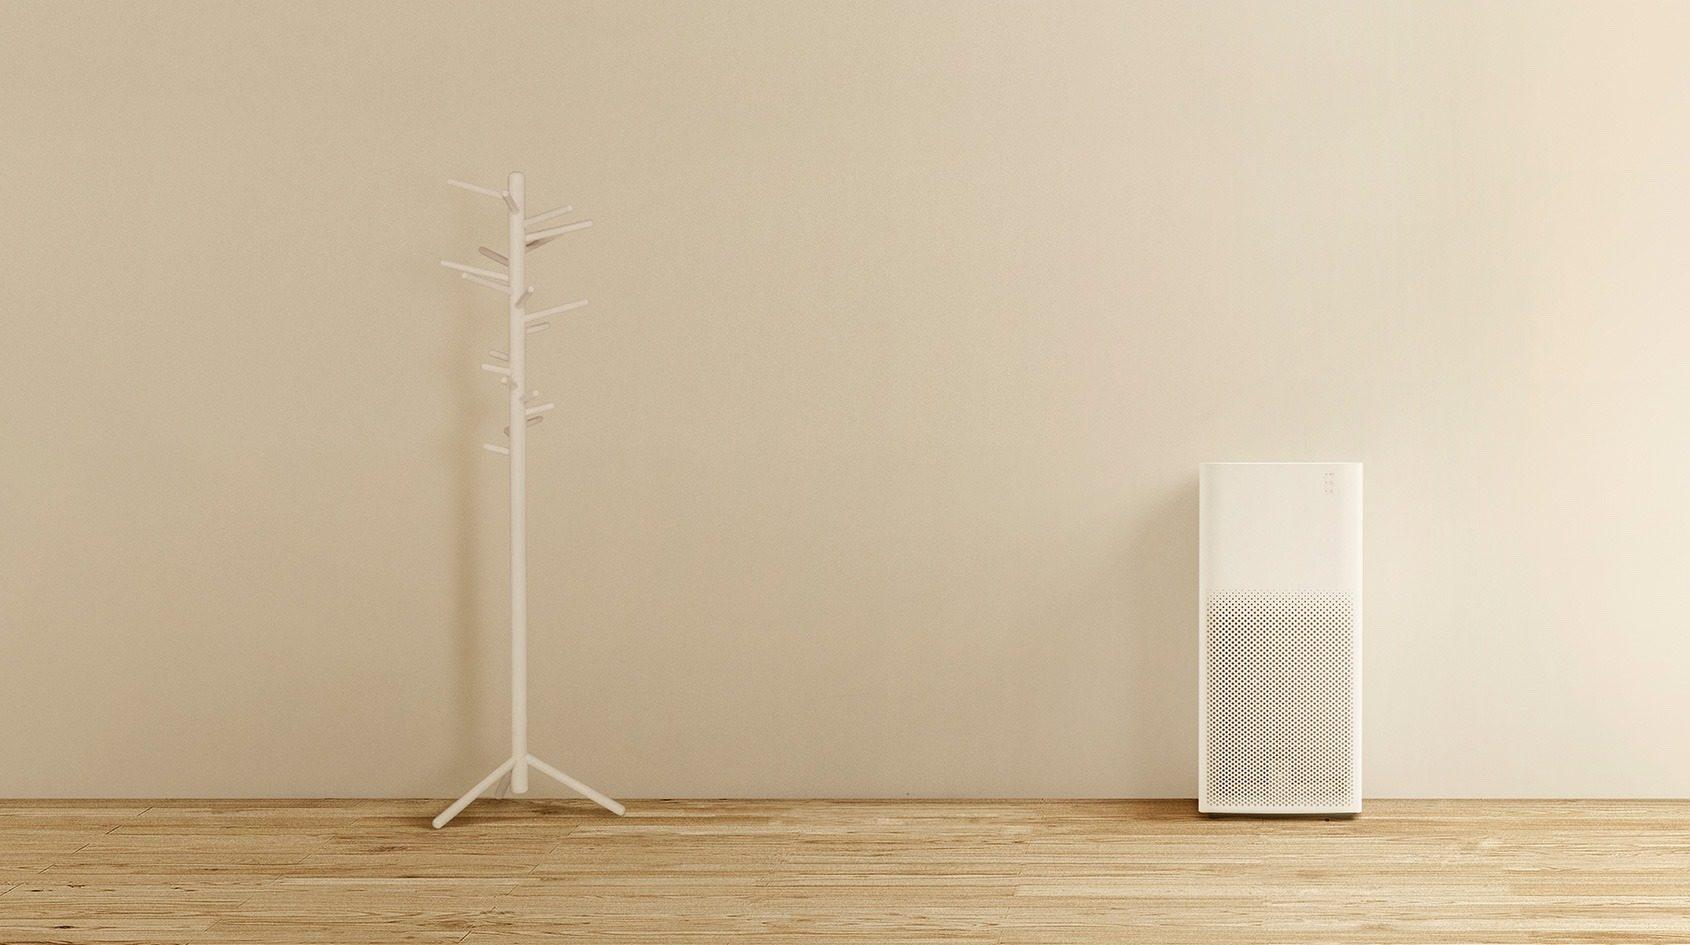 小米空氣淨化器 Homebridge 插件